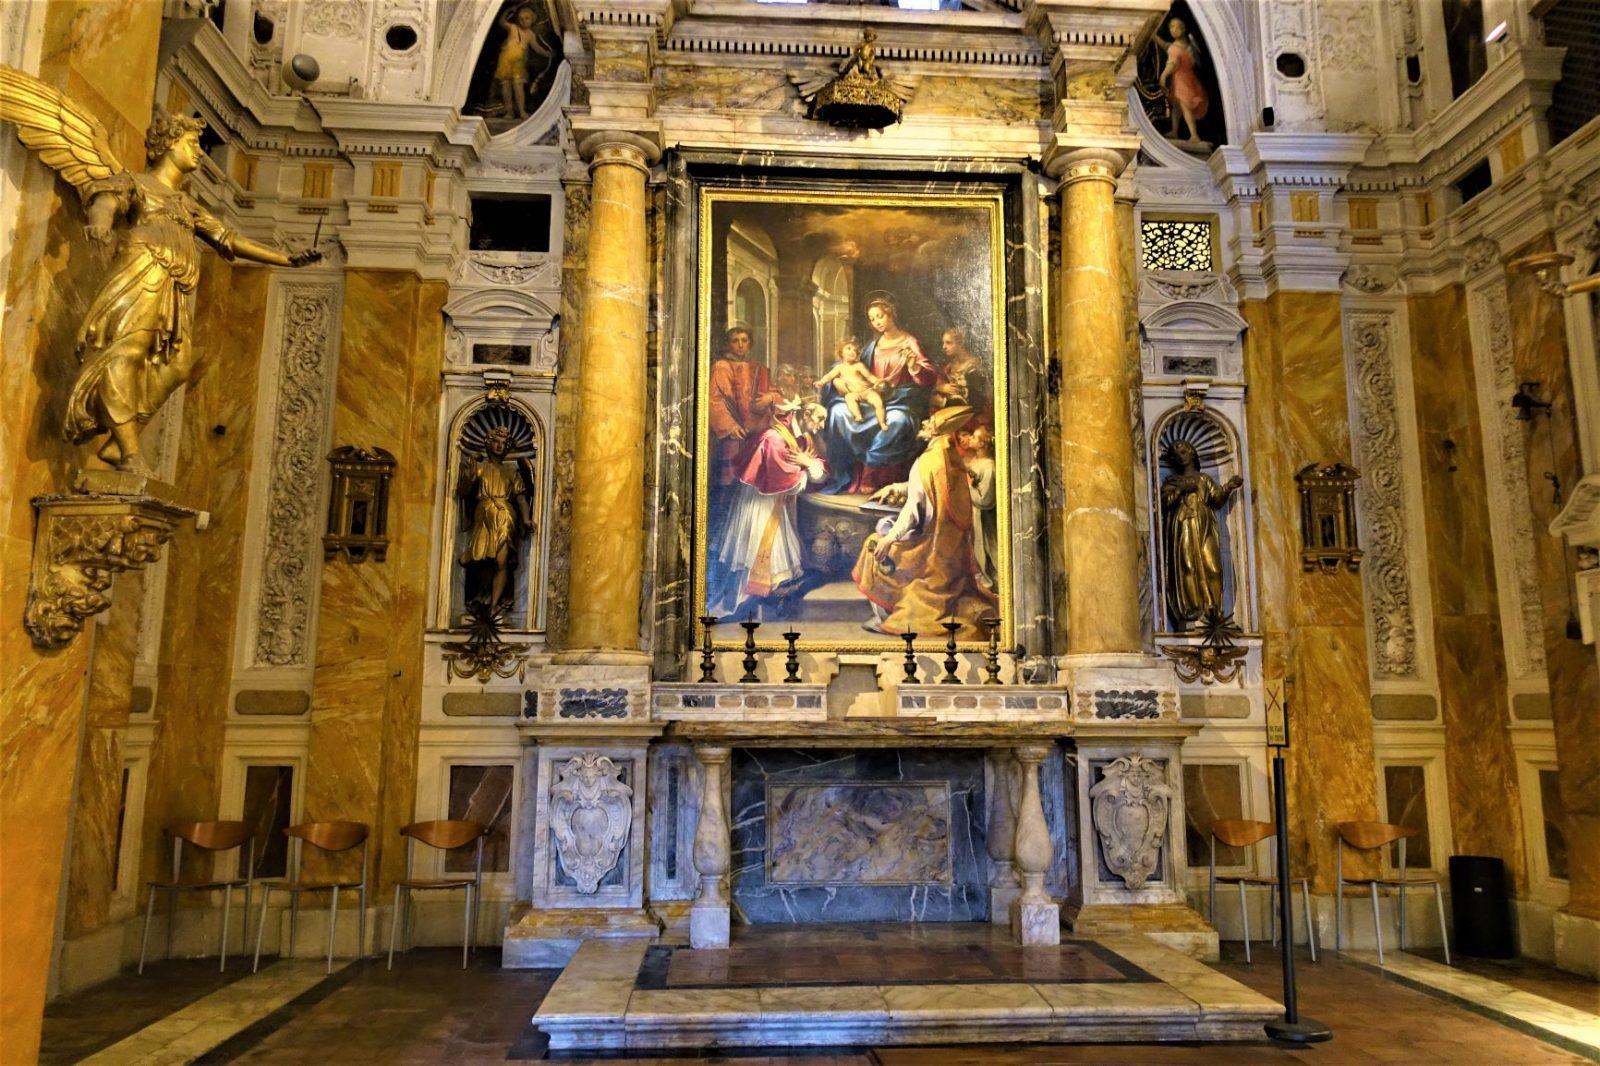 altertavle i Siena